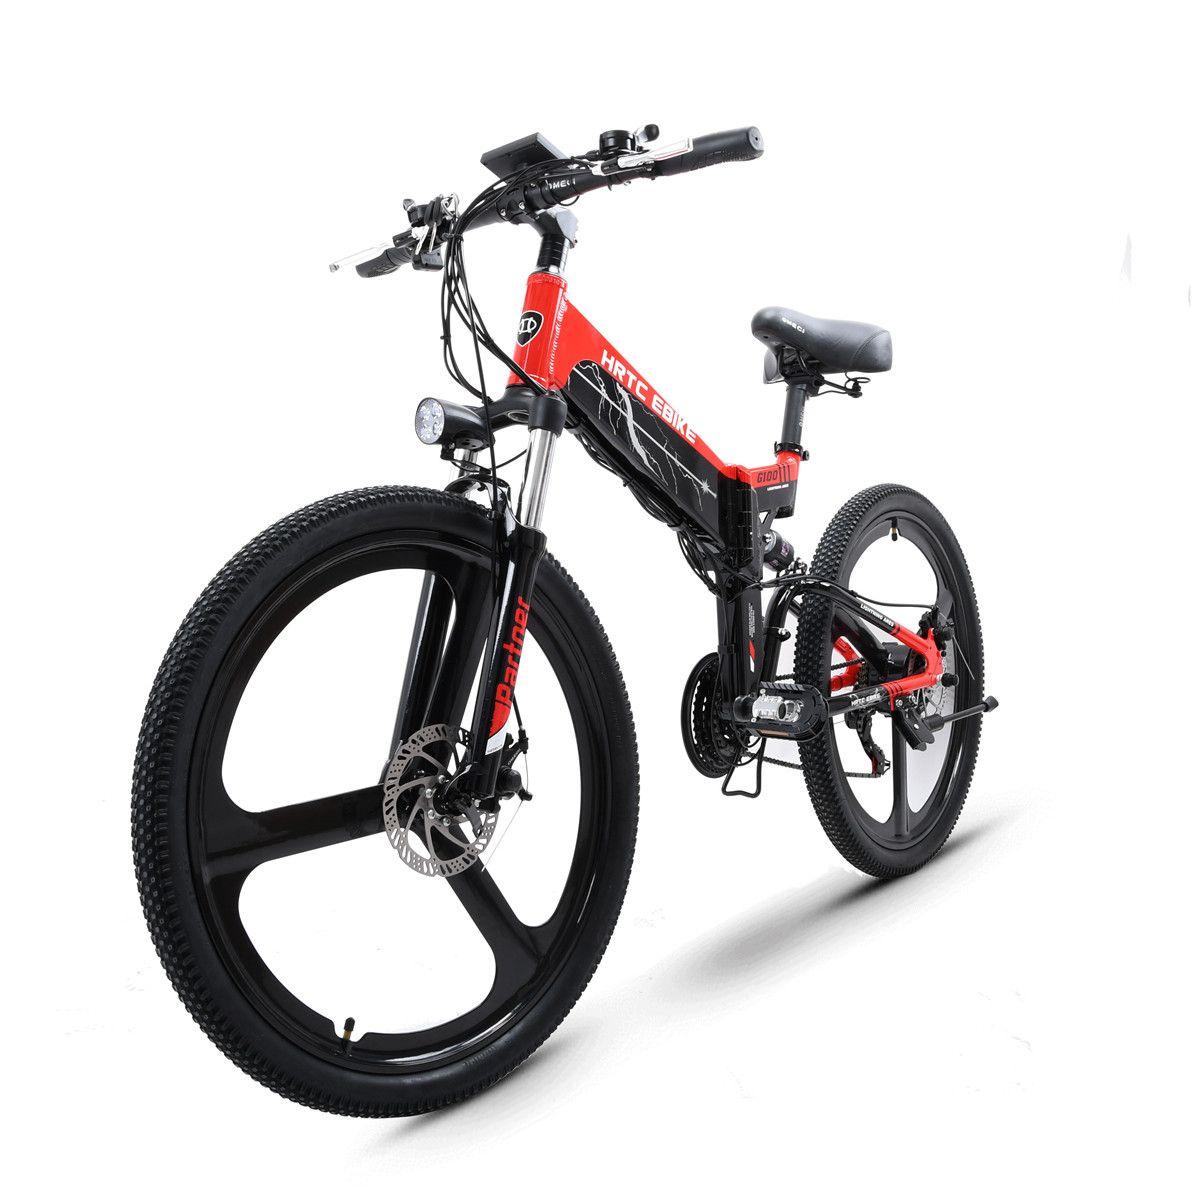 26inch elektro mountainbike 48V400W high speed motor Leichte rahmen versteckte lithium-batterie lcd3 elektrische ebike